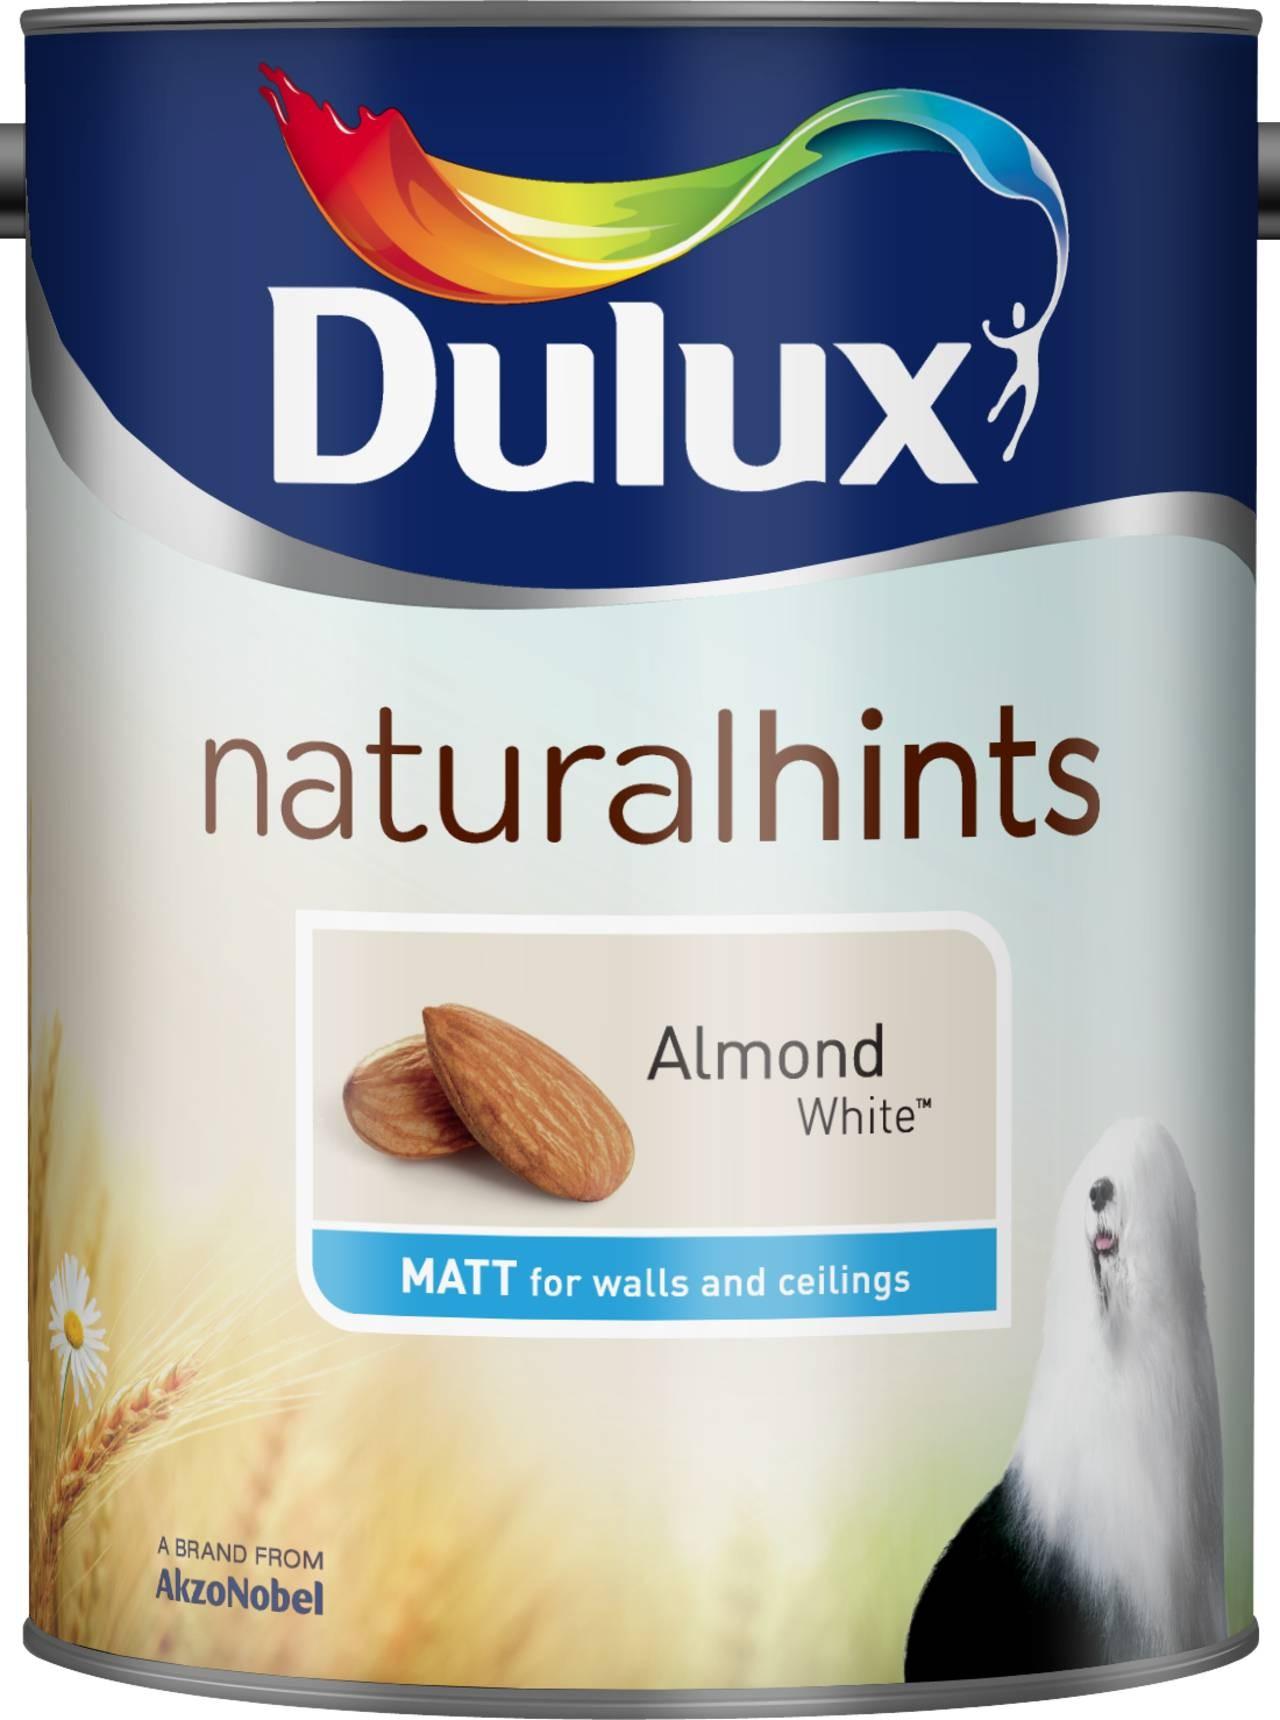 Dulux Natural Hints Almond White Matt Emulsion Paint 5l